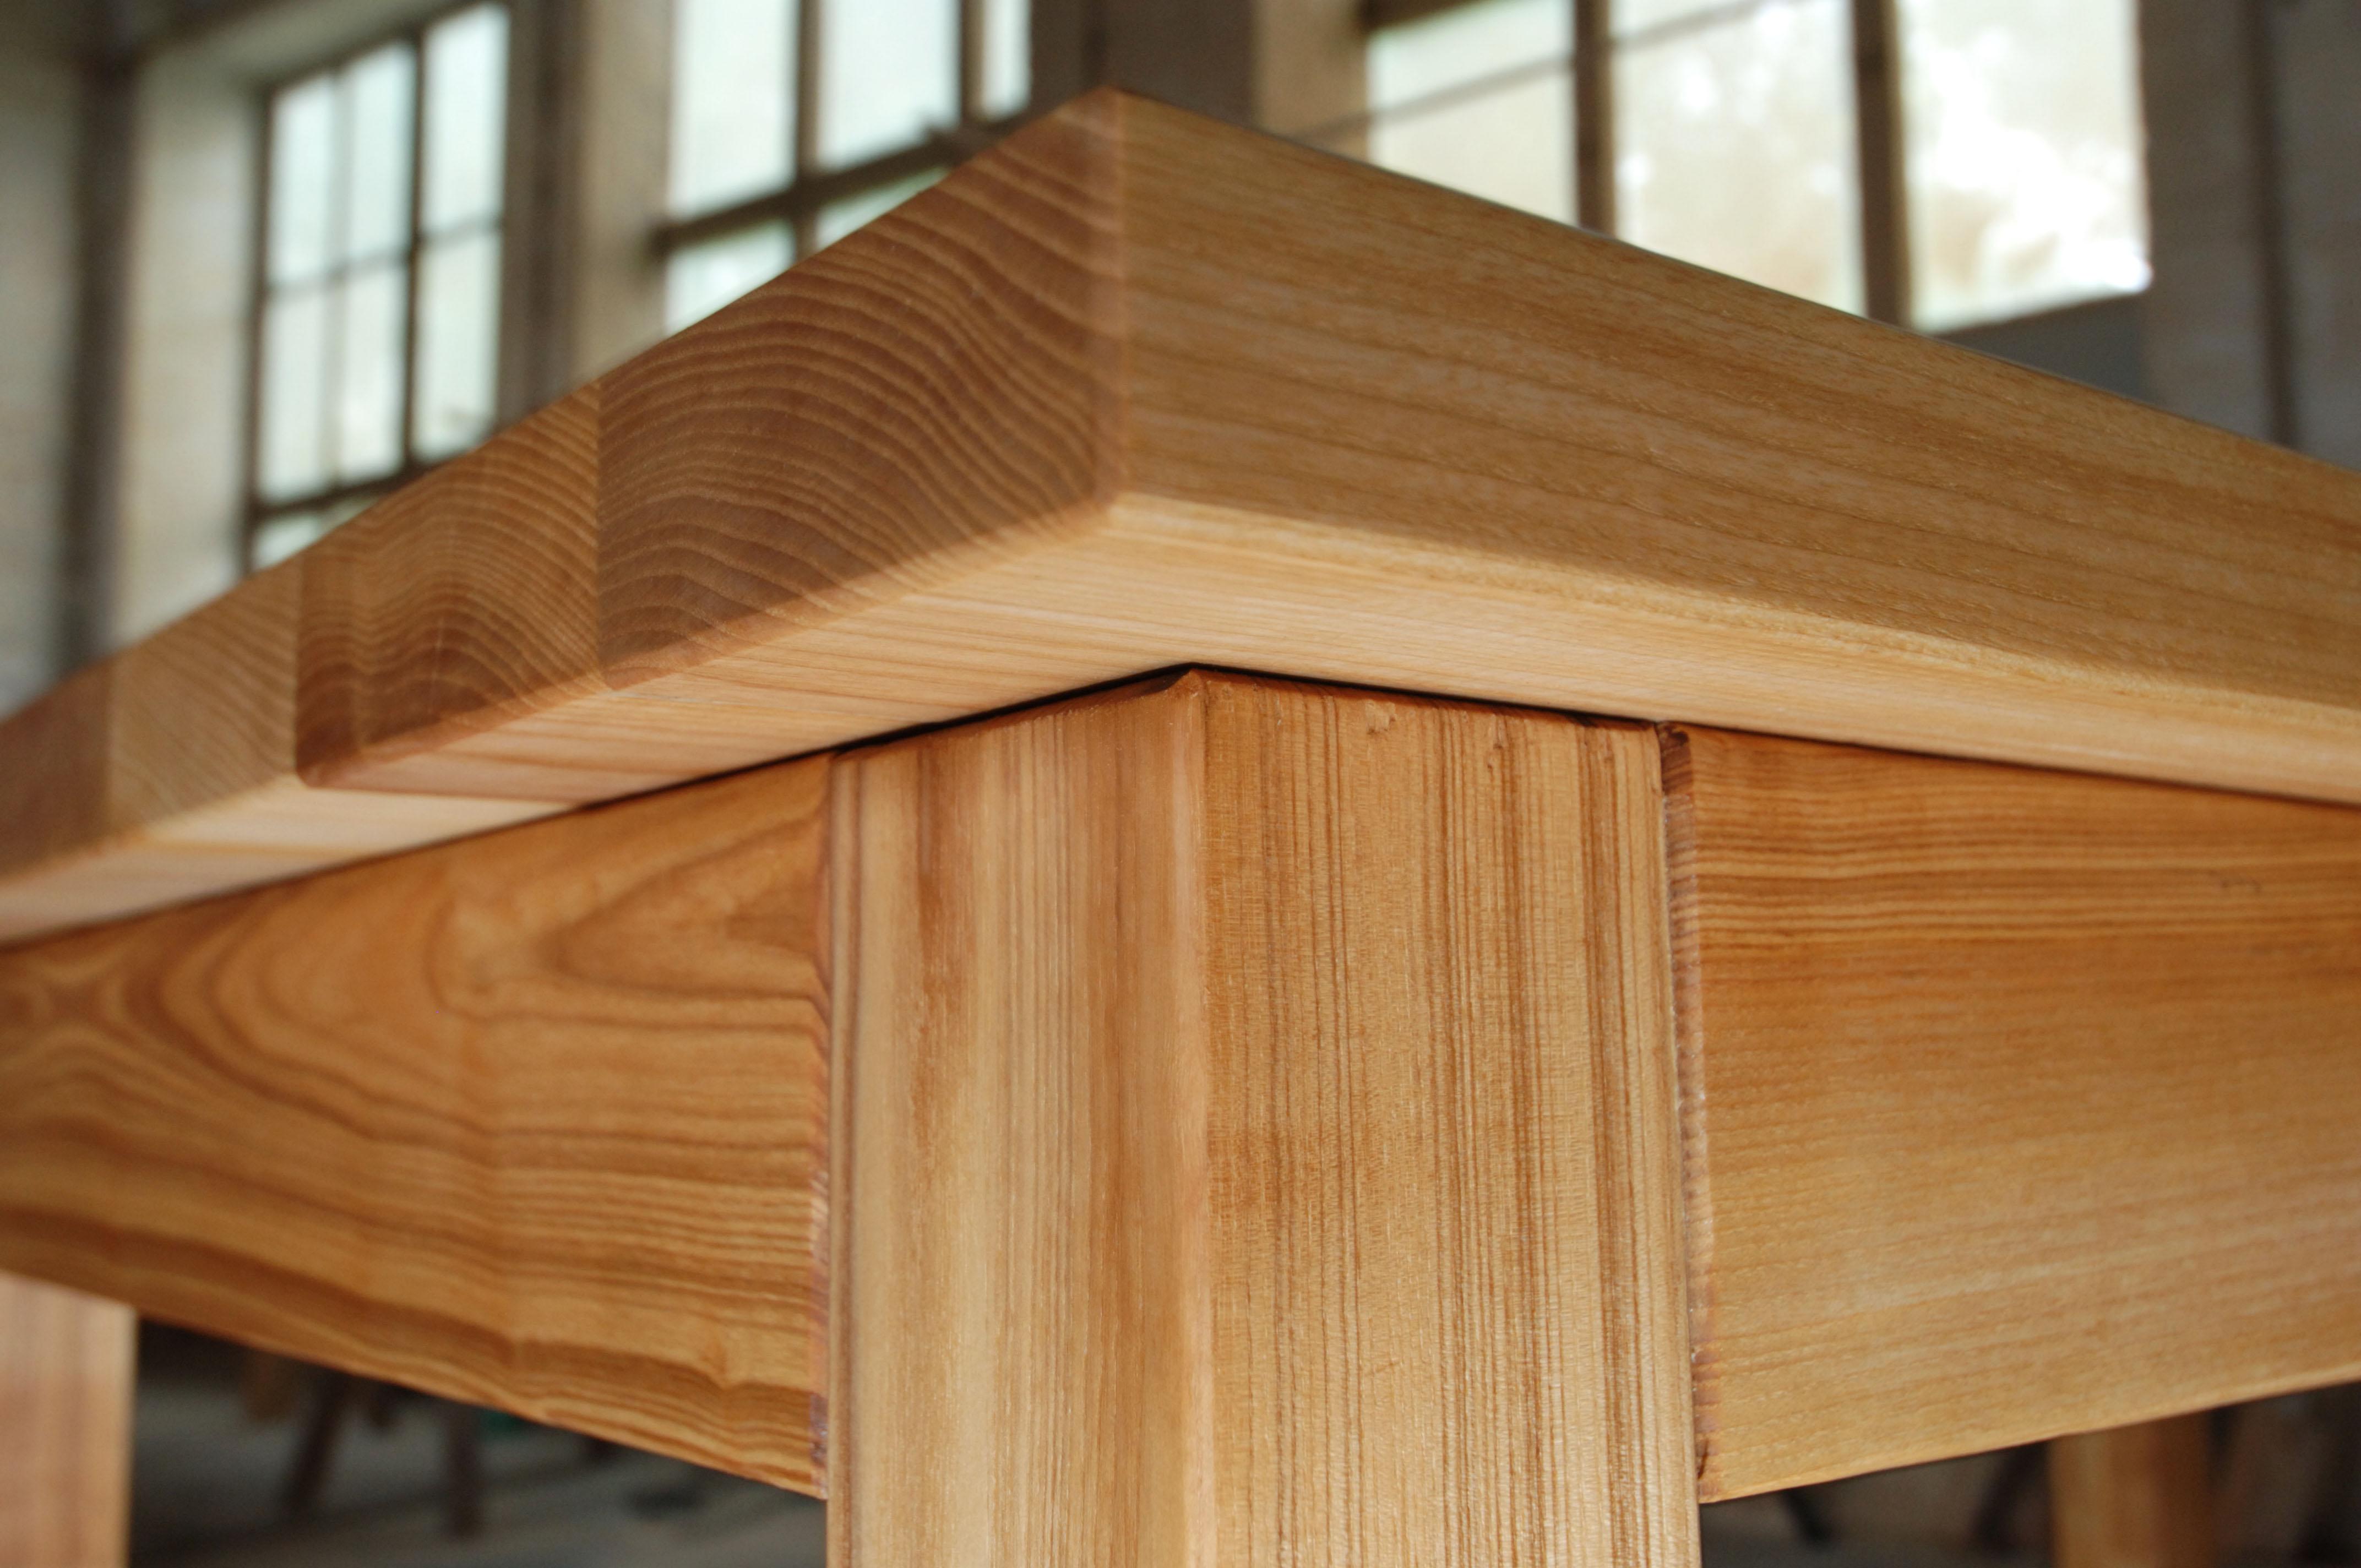 Massive Esstische und Sthle aus Massivholz Holz gnstig